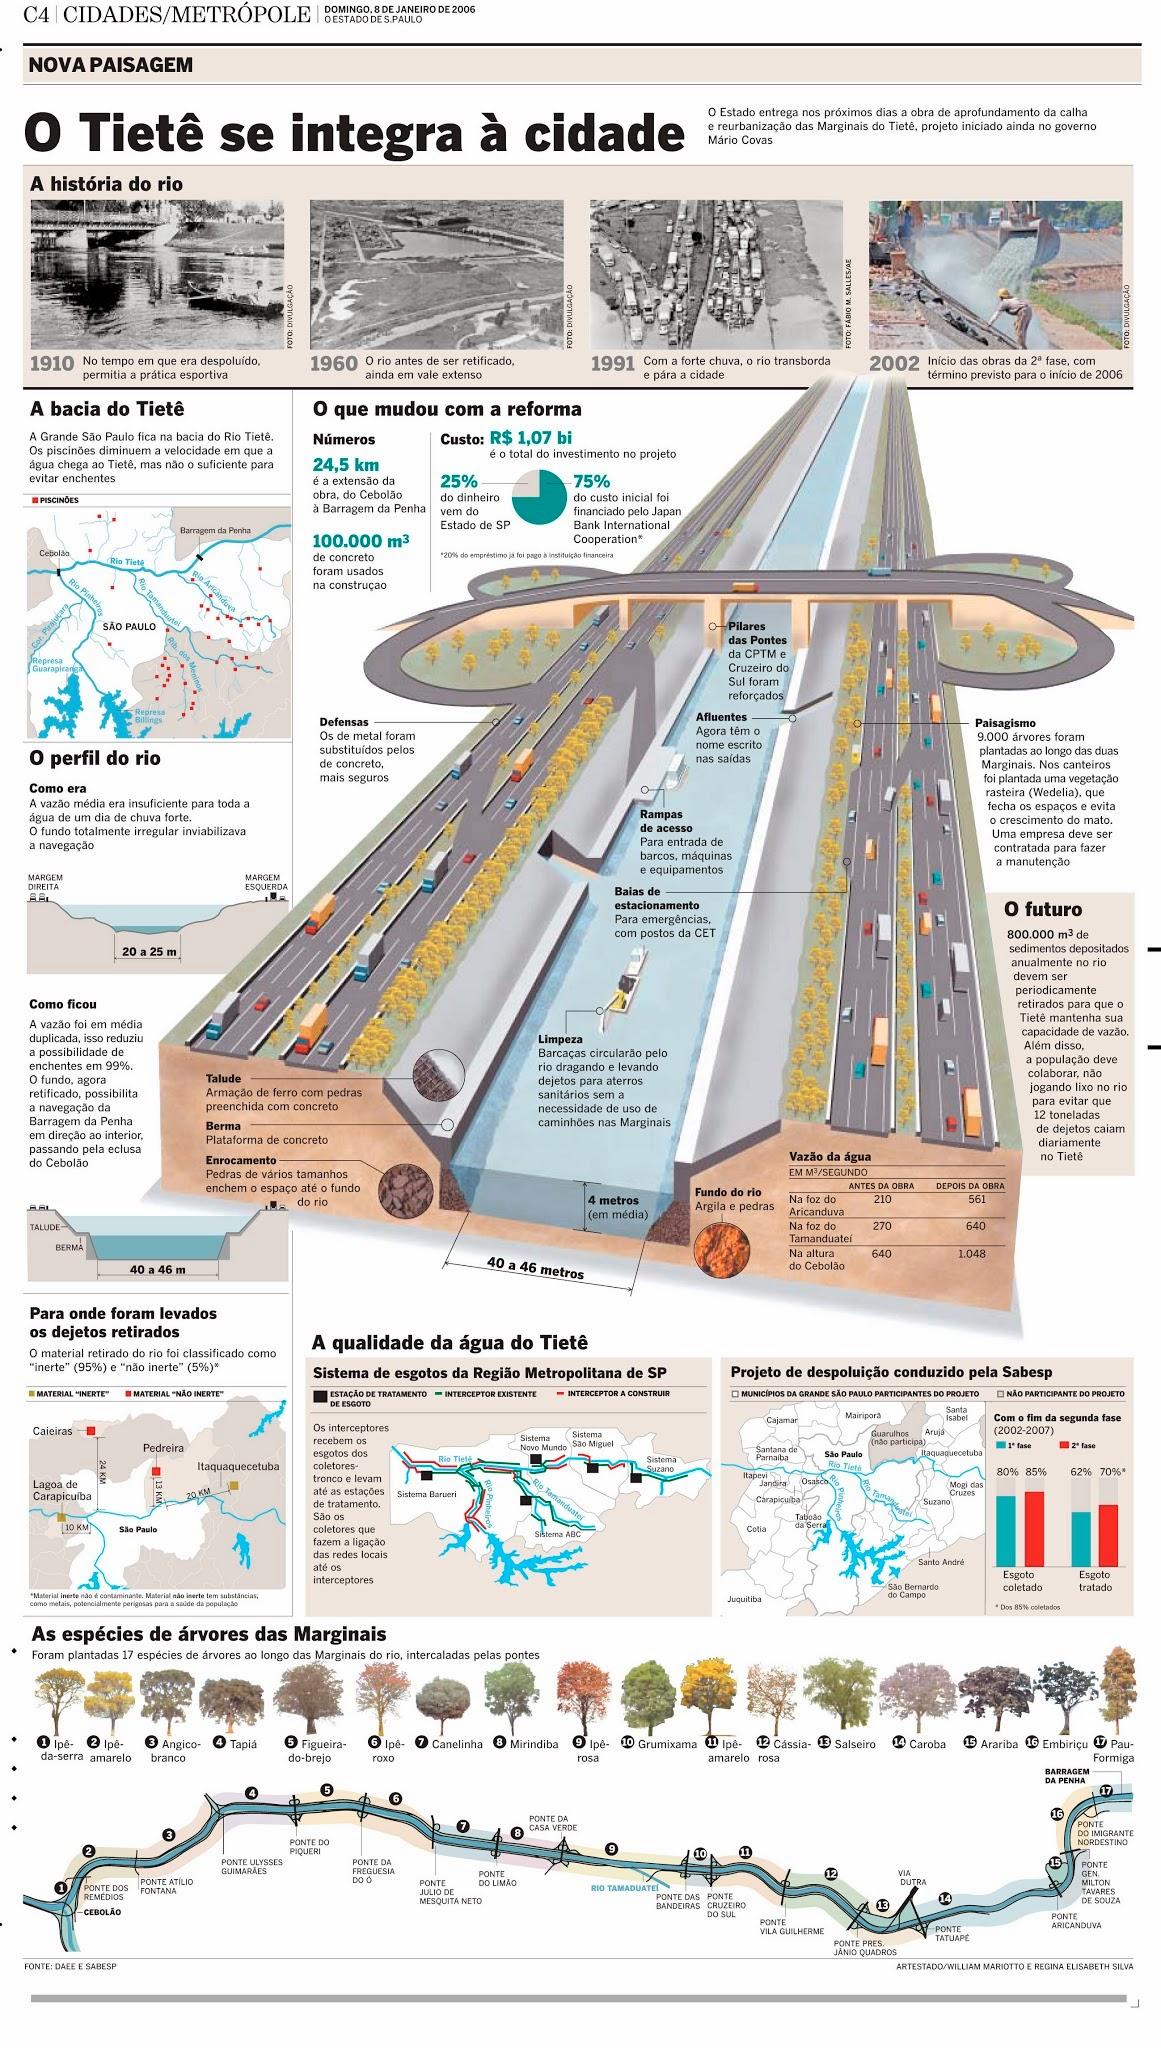 Tietê, infográfico de William Mariotto